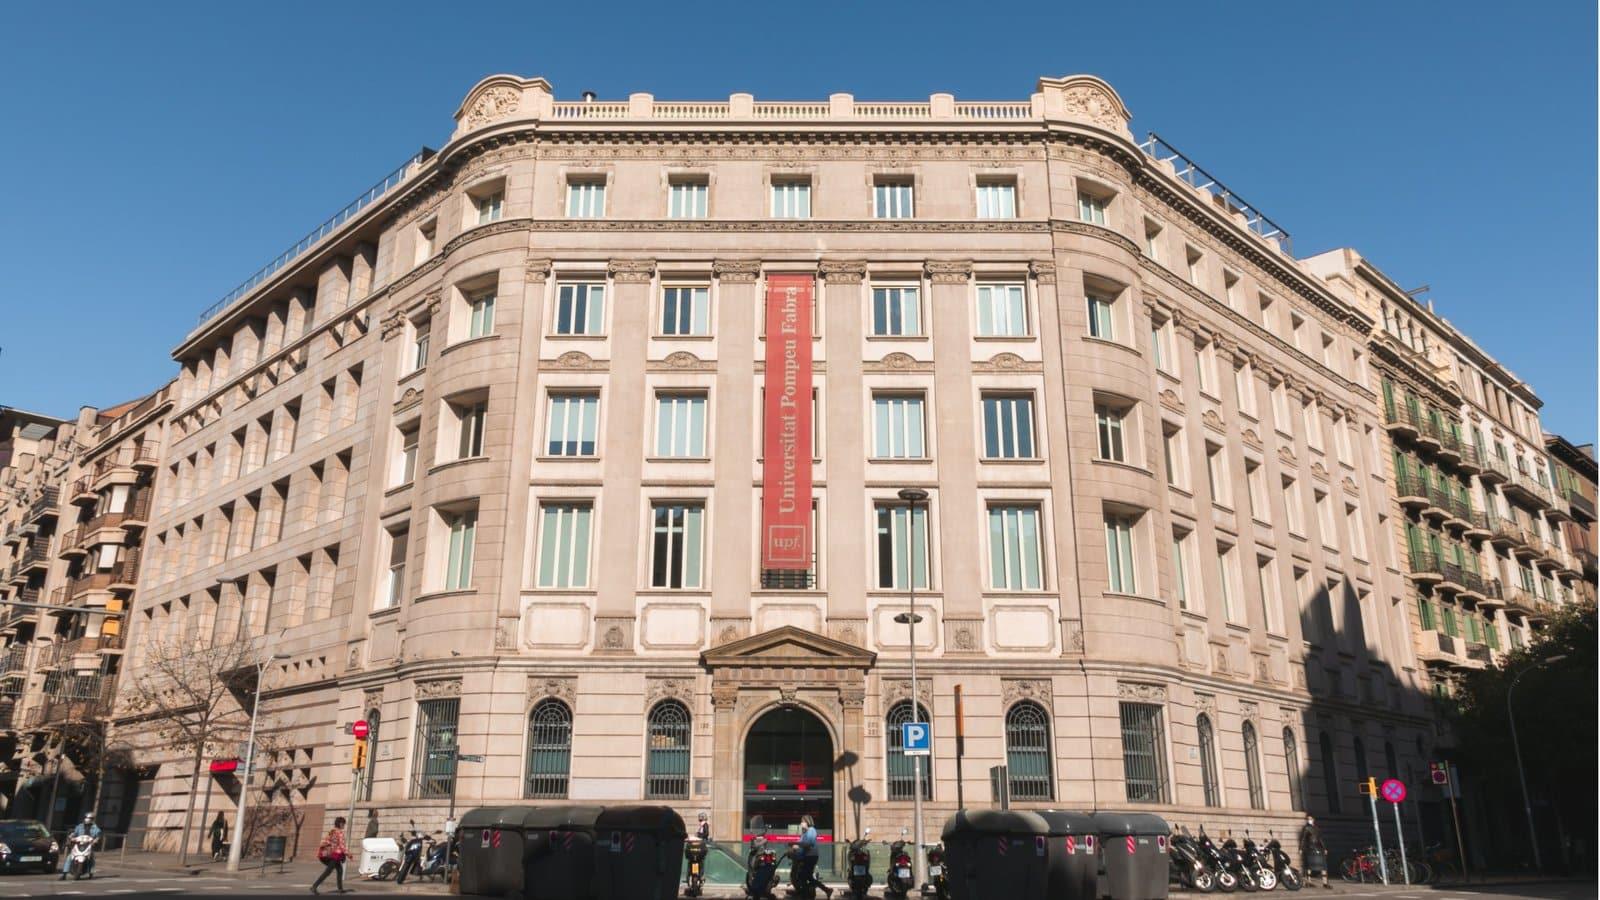 Fachada de la Universidad Pompeu Fabra en Barcelona